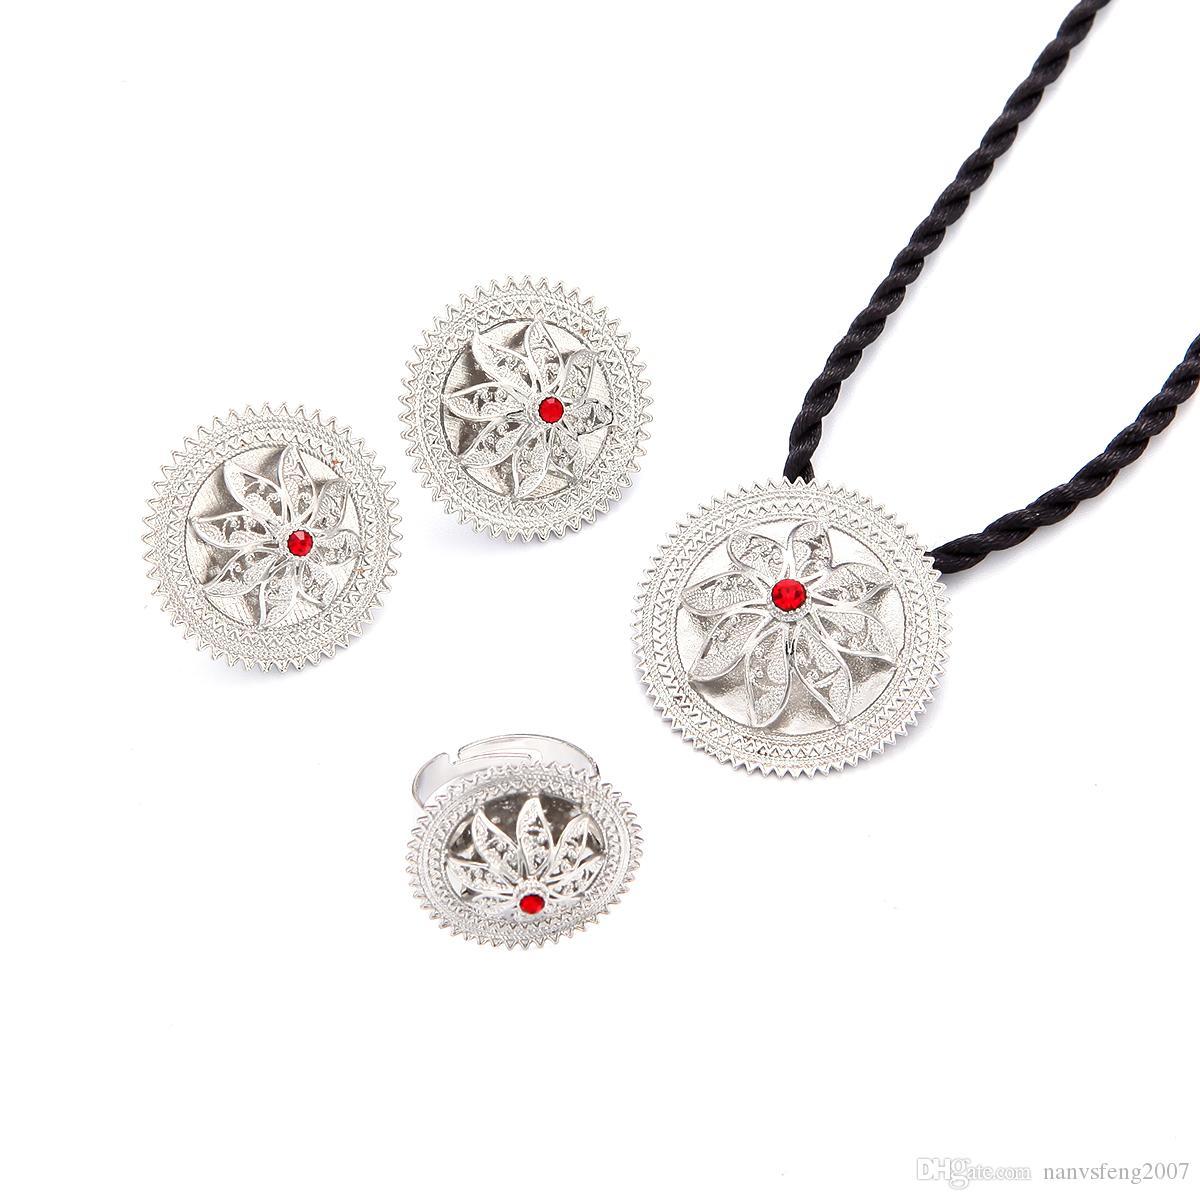 مشرق الفضة زهرة الاثيوبية مجوهرات الزفاف قلادة سلسلة أقراط الطوق أفريقيا إريتريا إثيوبيا الفضة مطلي مجوهرات